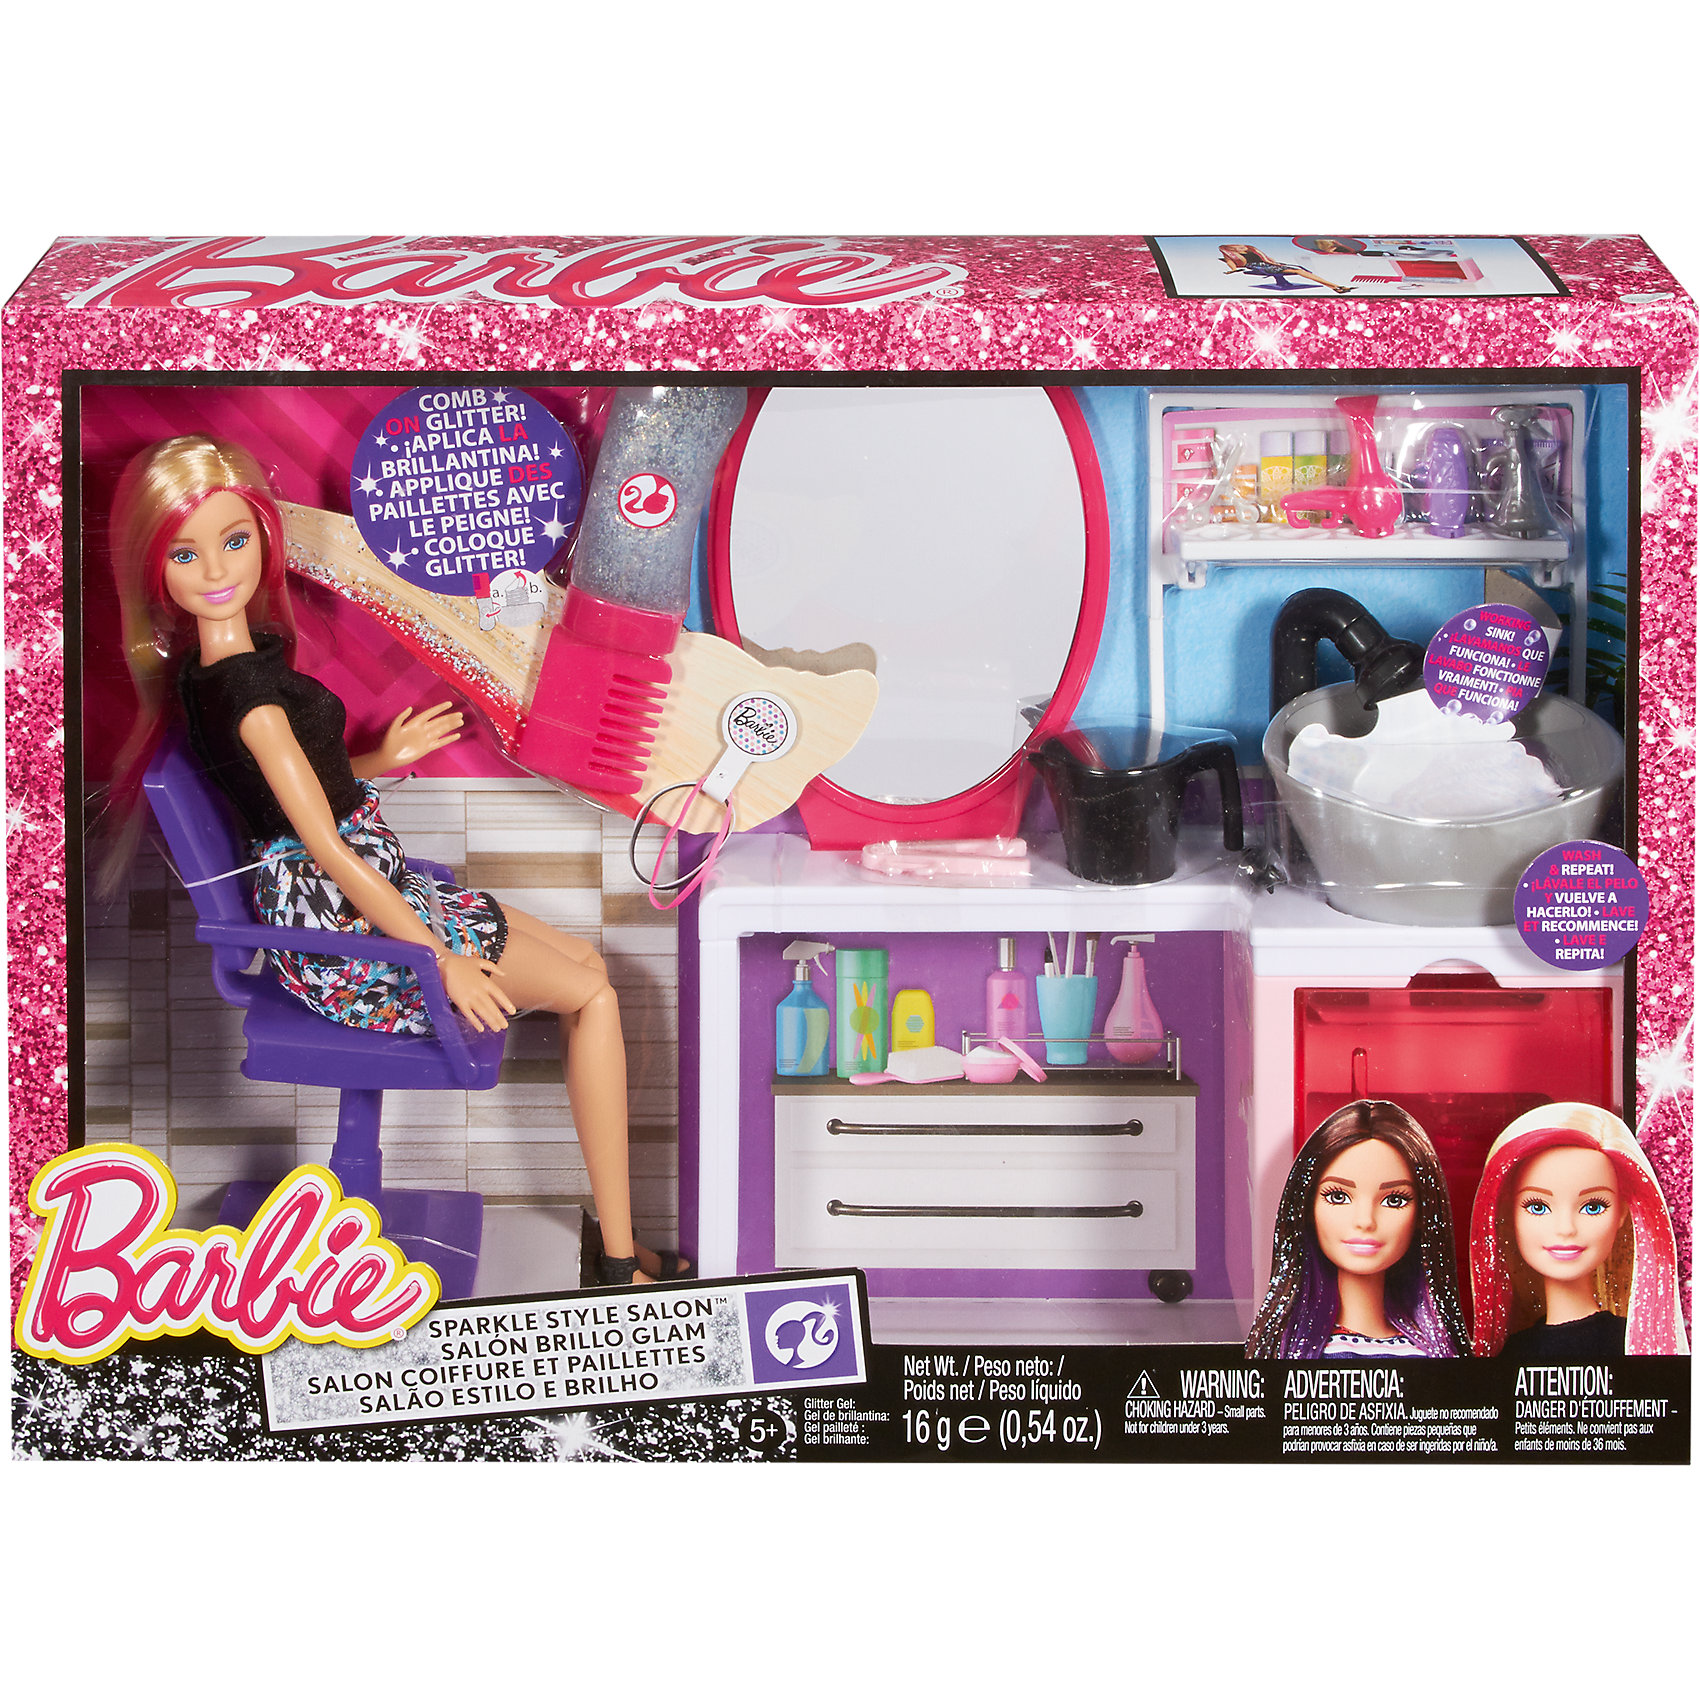 Набор для создания блестящих причесок, BarbieСоздайте стильную блестящую прическу для Барби! В набор входит всё, что нужно начинающему стилисту: туалетный столик, раковина, стульчик, расческа с блестками, спрей, фен и многое другое. Вы можете сделать кукле укладку, нанести блестки - волшебная прическа готова! Блестки легко смываются и ребенок с легкостью сможет сделать новую прическу, предварительно помыв волосы кукле с помощью шампуня и раковины из набора. Барби одета в стильное платье с орнаментом. Ее длинные светлые волосы украшены розовыми прядями. Добавьте к ним немного блесток, и волосы куклы начнут сверкать! Девочка несомненно обрадуется такому подарку и сможет почувствовать себя настоящим стилистом!<br><br>Дополнительная информация:<br>Материал: пластик, текстиль<br>Все материалы безопасны для ребенка<br>В наборе: Кукла Барби, туалетный столик с раковиной, расческа с блестками, стул, спрей, шампунь, фен, плойка, щетка, кружка, ножницы<br>Размер упаковки: 41х29,5х8 см<br>Вес: 825 грамм<br>Высота куклы: 28 см<br>Высота туалетного столика: 27 см<br><br>Набор для создания блестящих причесок Barbie(Барби) вы можете приобрести в нашем интернет-магазине<br><br>Ширина мм: 409<br>Глубина мм: 294<br>Высота мм: 87<br>Вес г: 816<br>Возраст от месяцев: 36<br>Возраст до месяцев: 72<br>Пол: Женский<br>Возраст: Детский<br>SKU: 4765312